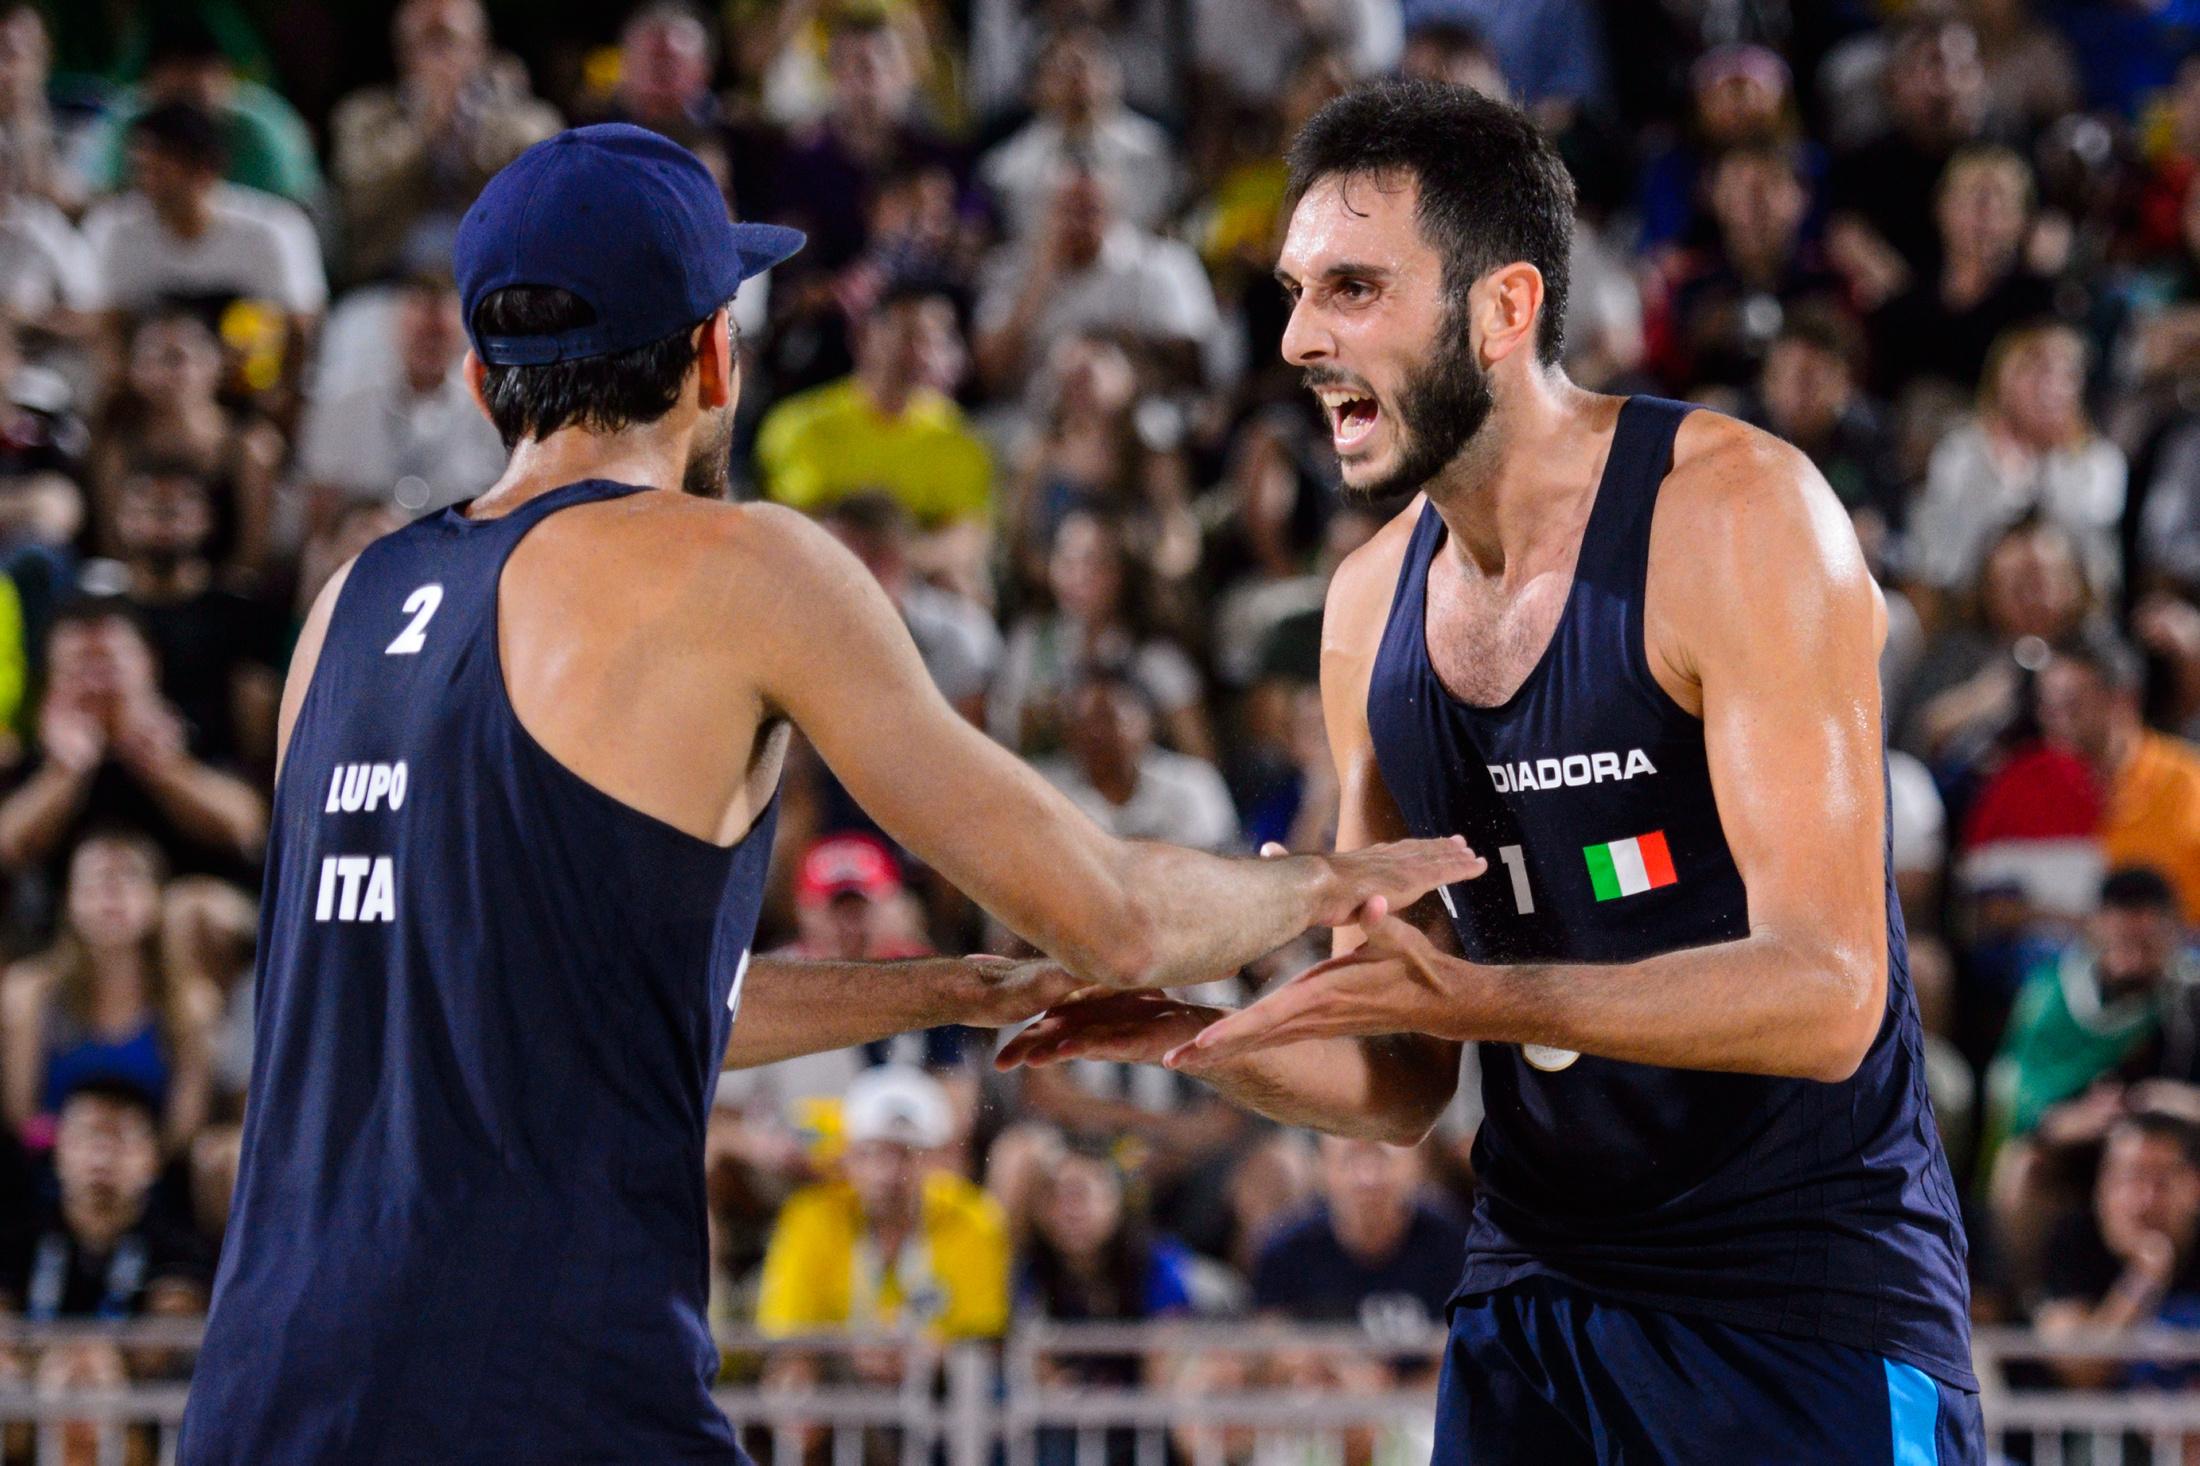 Rio 2016 – Beach Volley, Lupo-Nicolai in semifinale